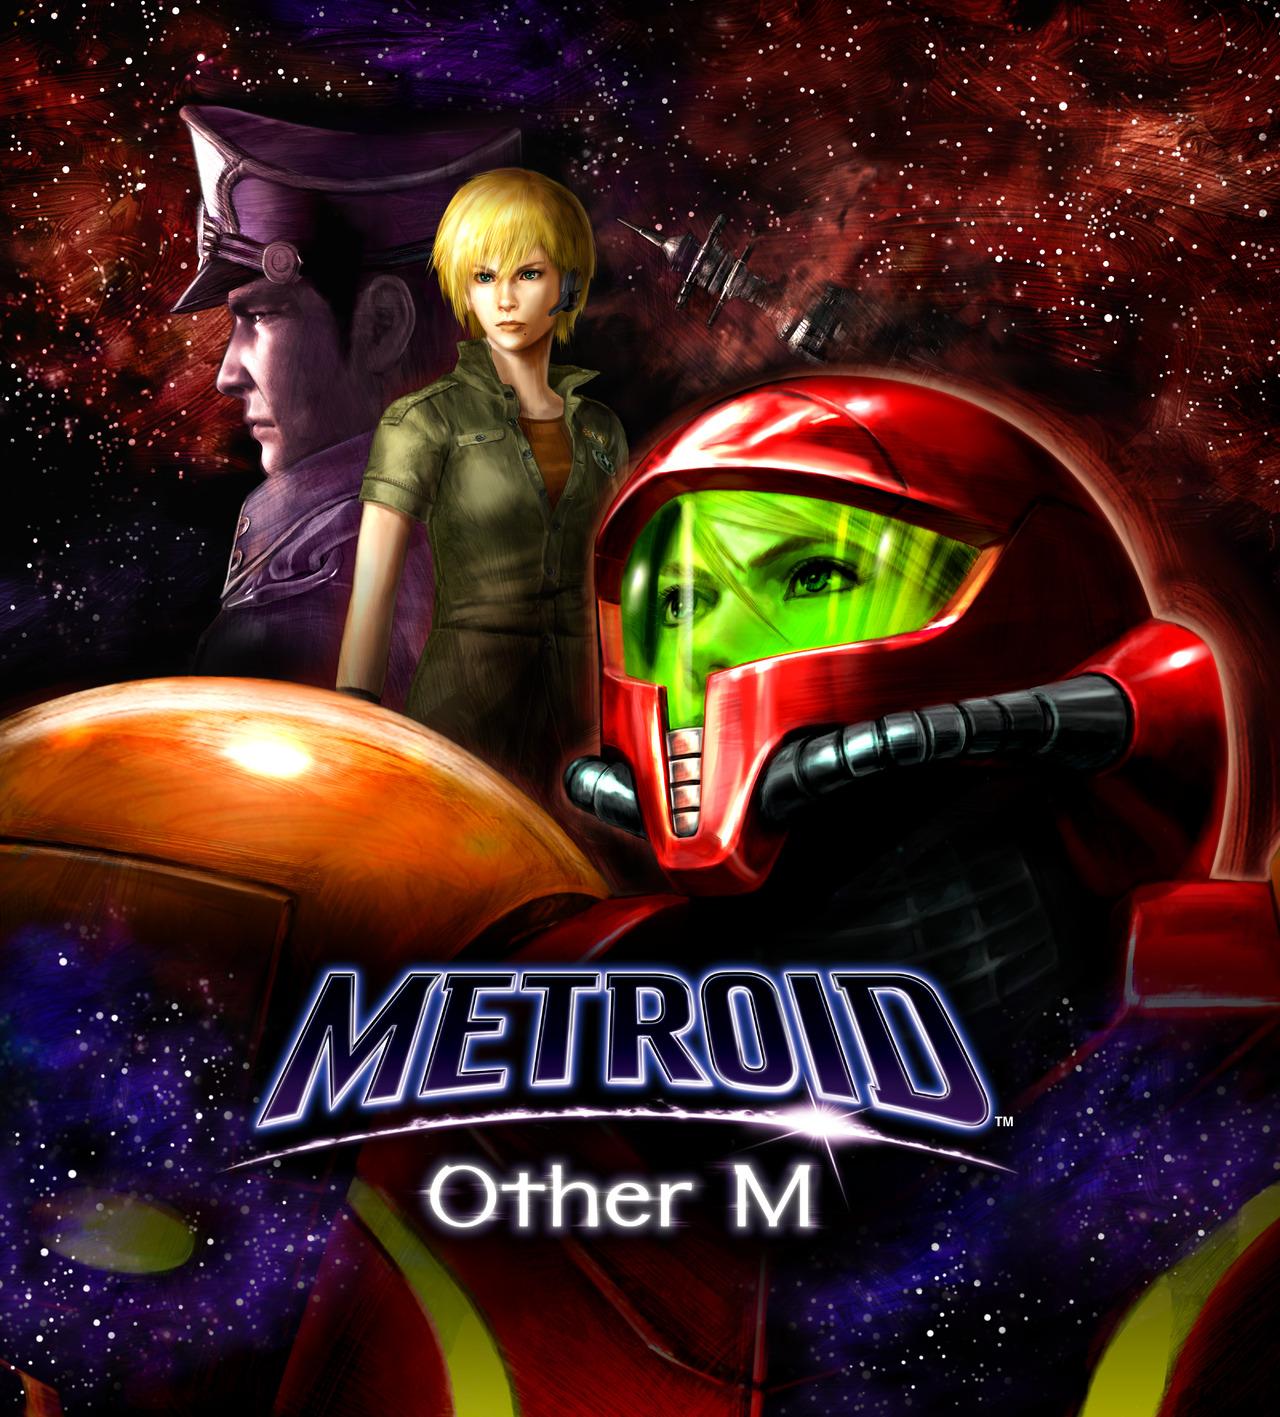 Défi 30 jours (or so) de jeux vidéos - Page 9 Metroid-other-m-wii-064